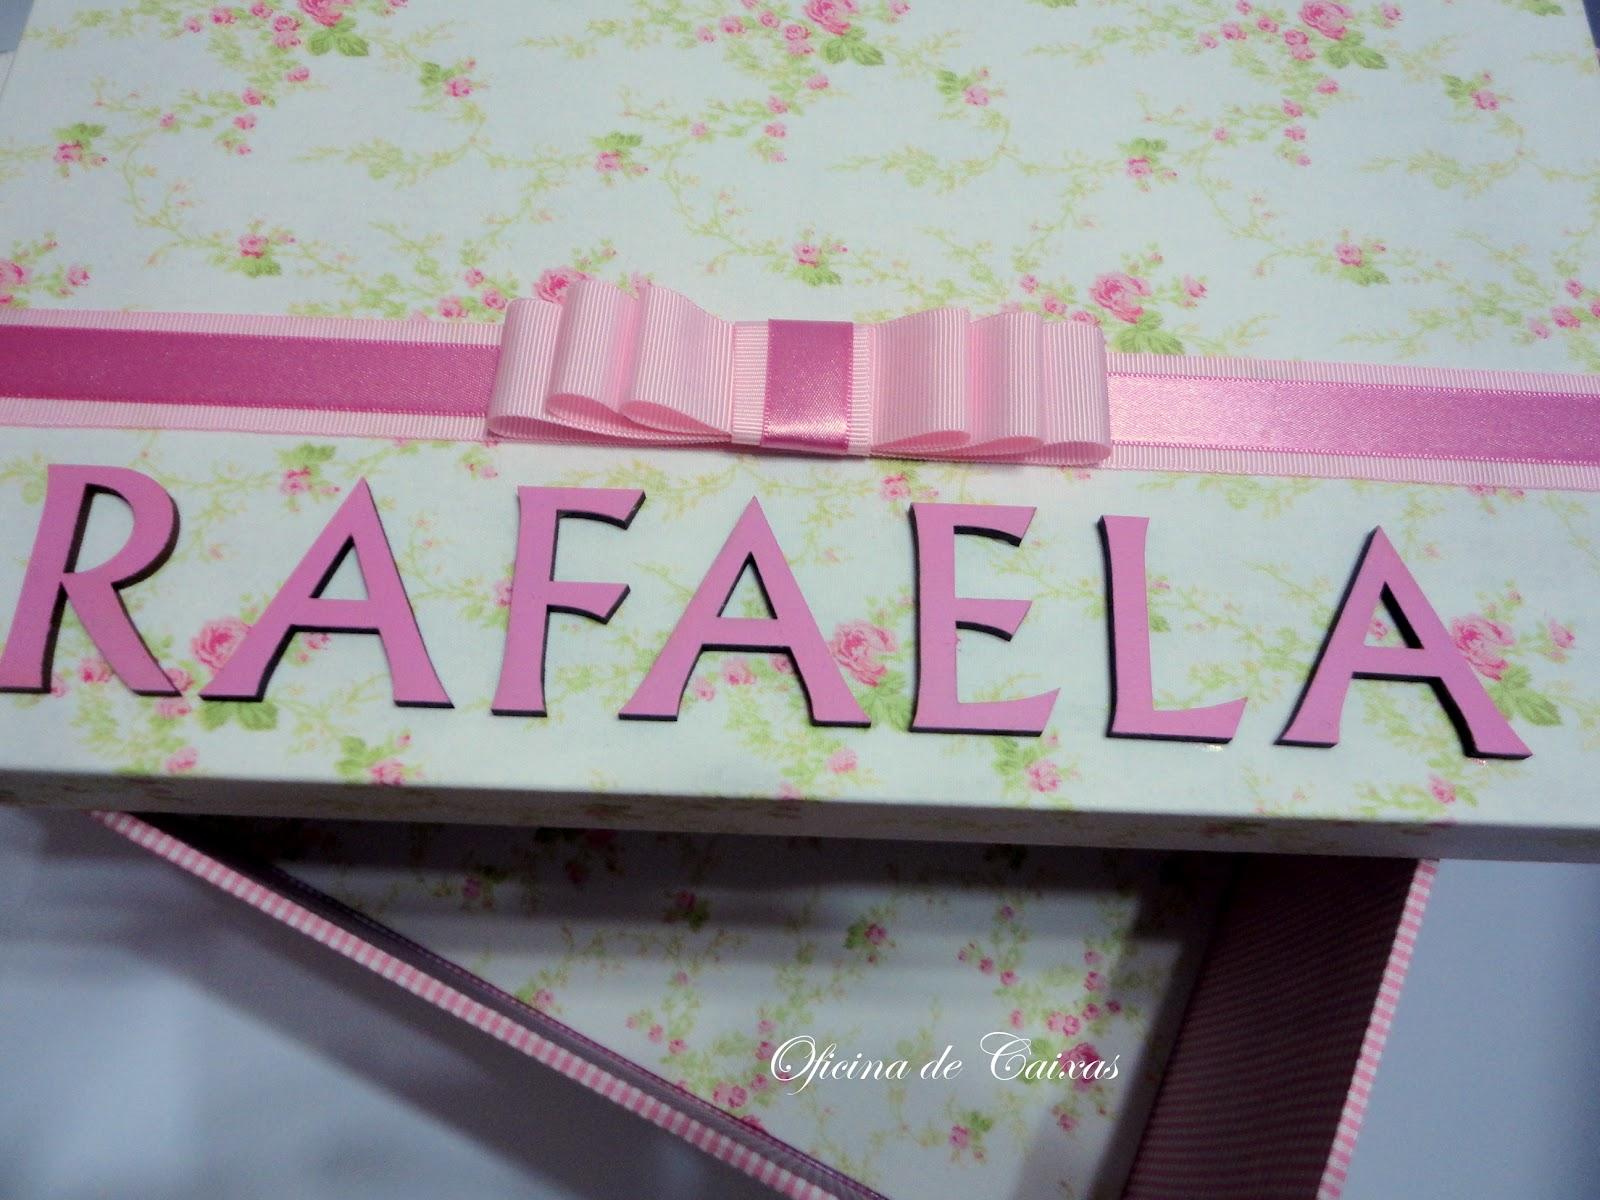 Oficina de caixas caixa maternidade baby girl for Oficina de caixa